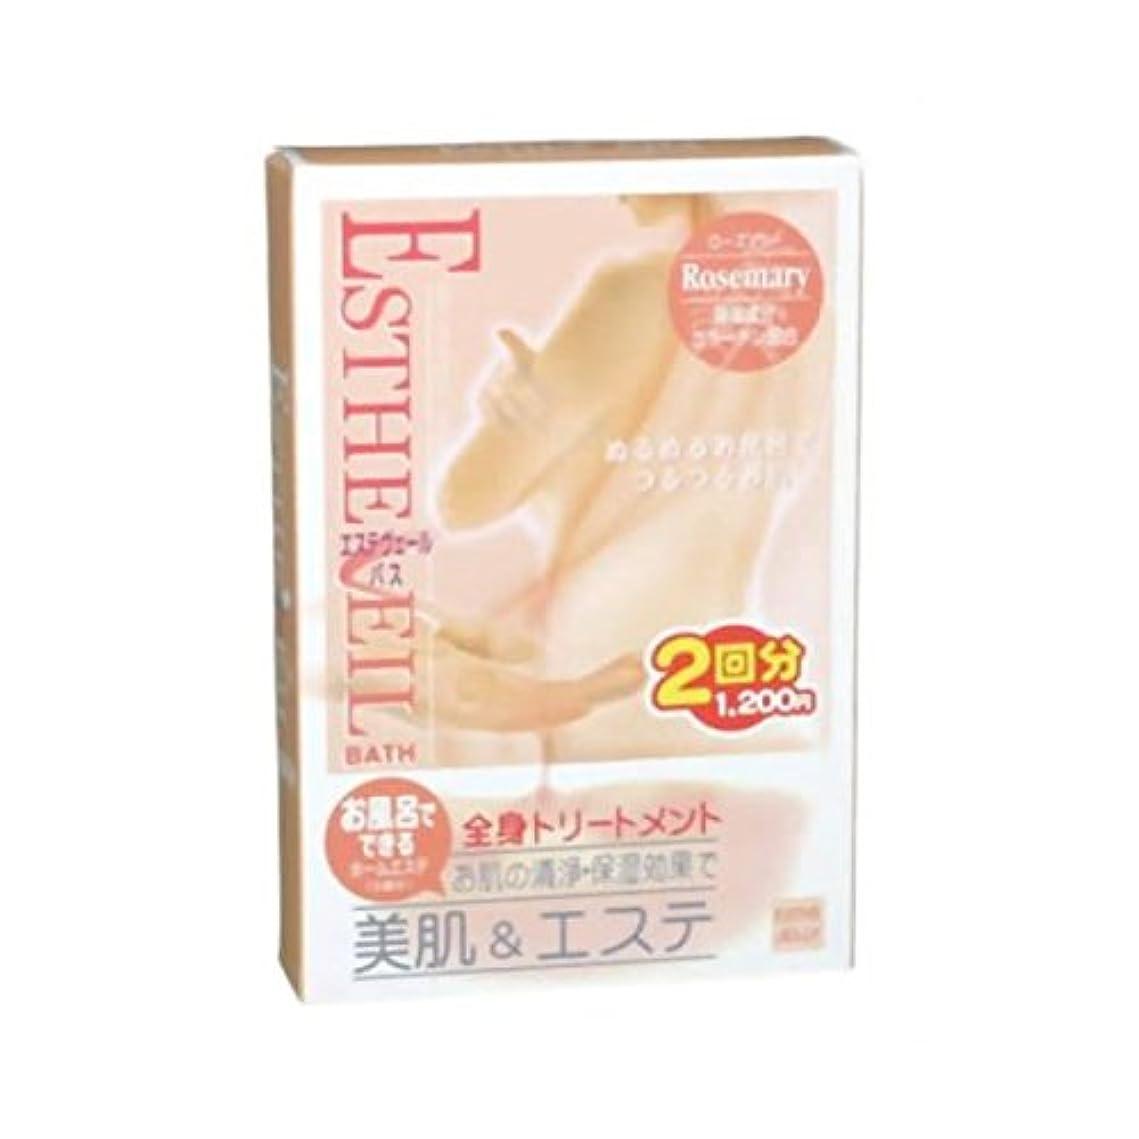 鷲パン昨日【お徳用 2 セット】 エステヴェールバス ミルキーローズマリー(入浴剤)×2セット